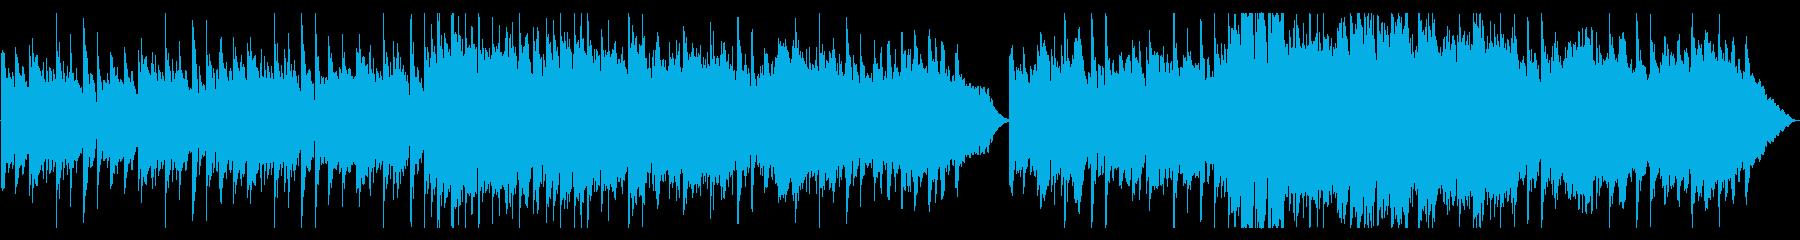 アコギが印象的な優しく切ない雰囲気の曲の再生済みの波形